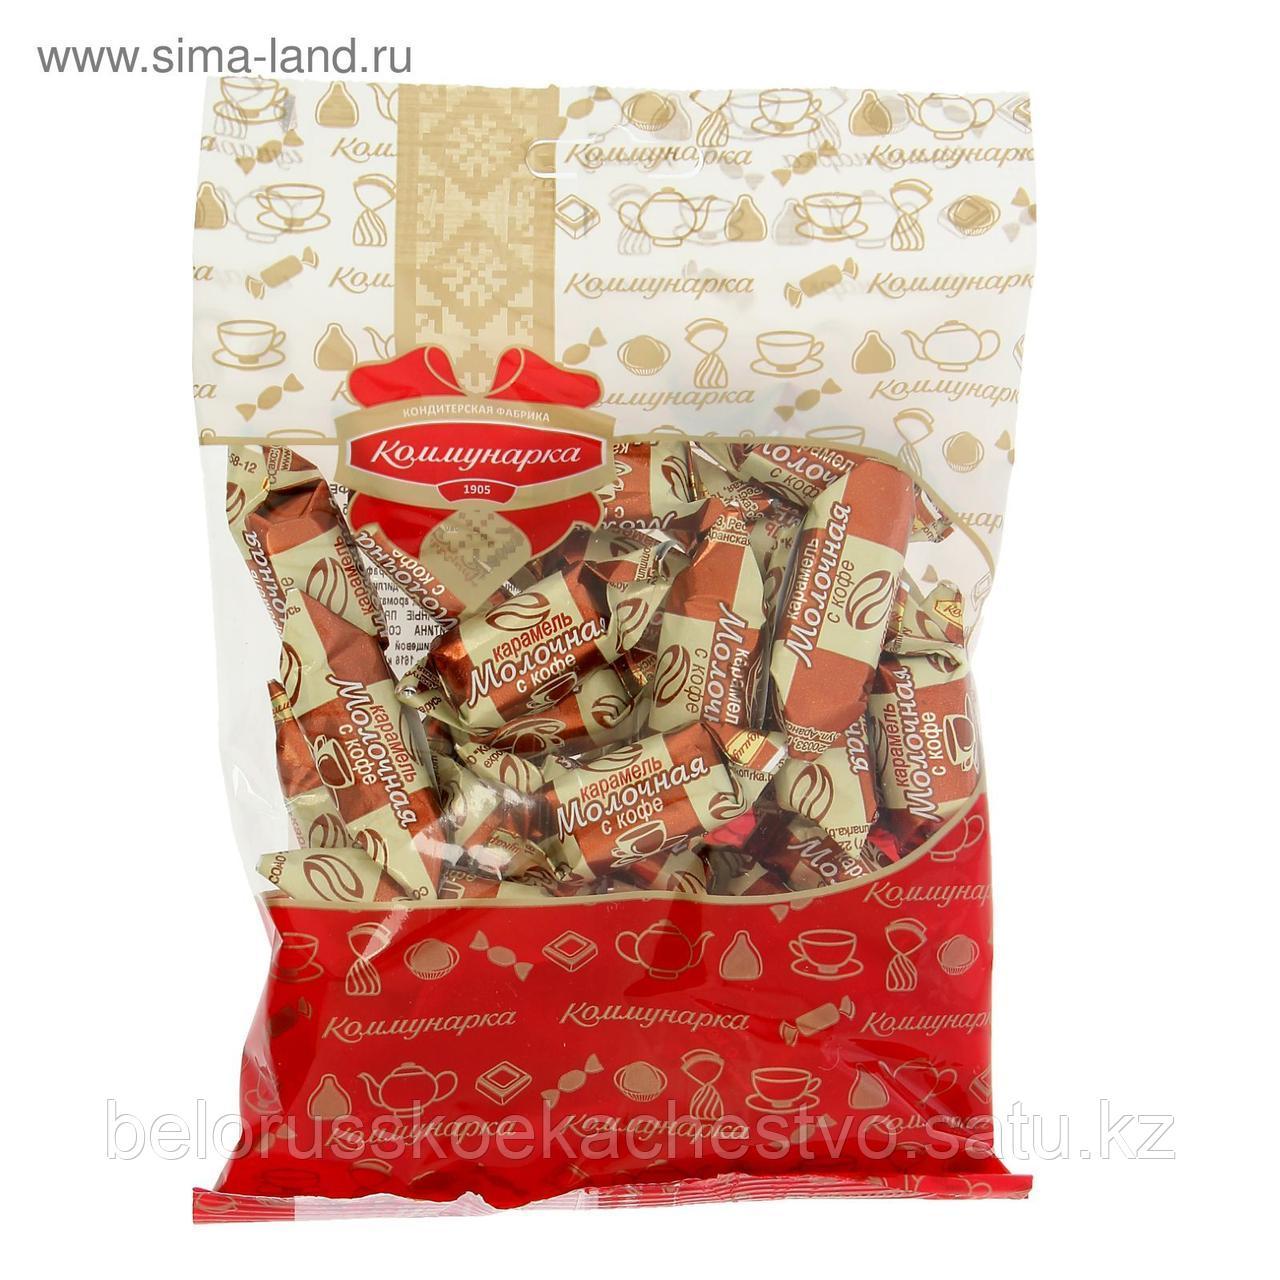 Карамель Коммунарка Молочная с кофе 200 г.